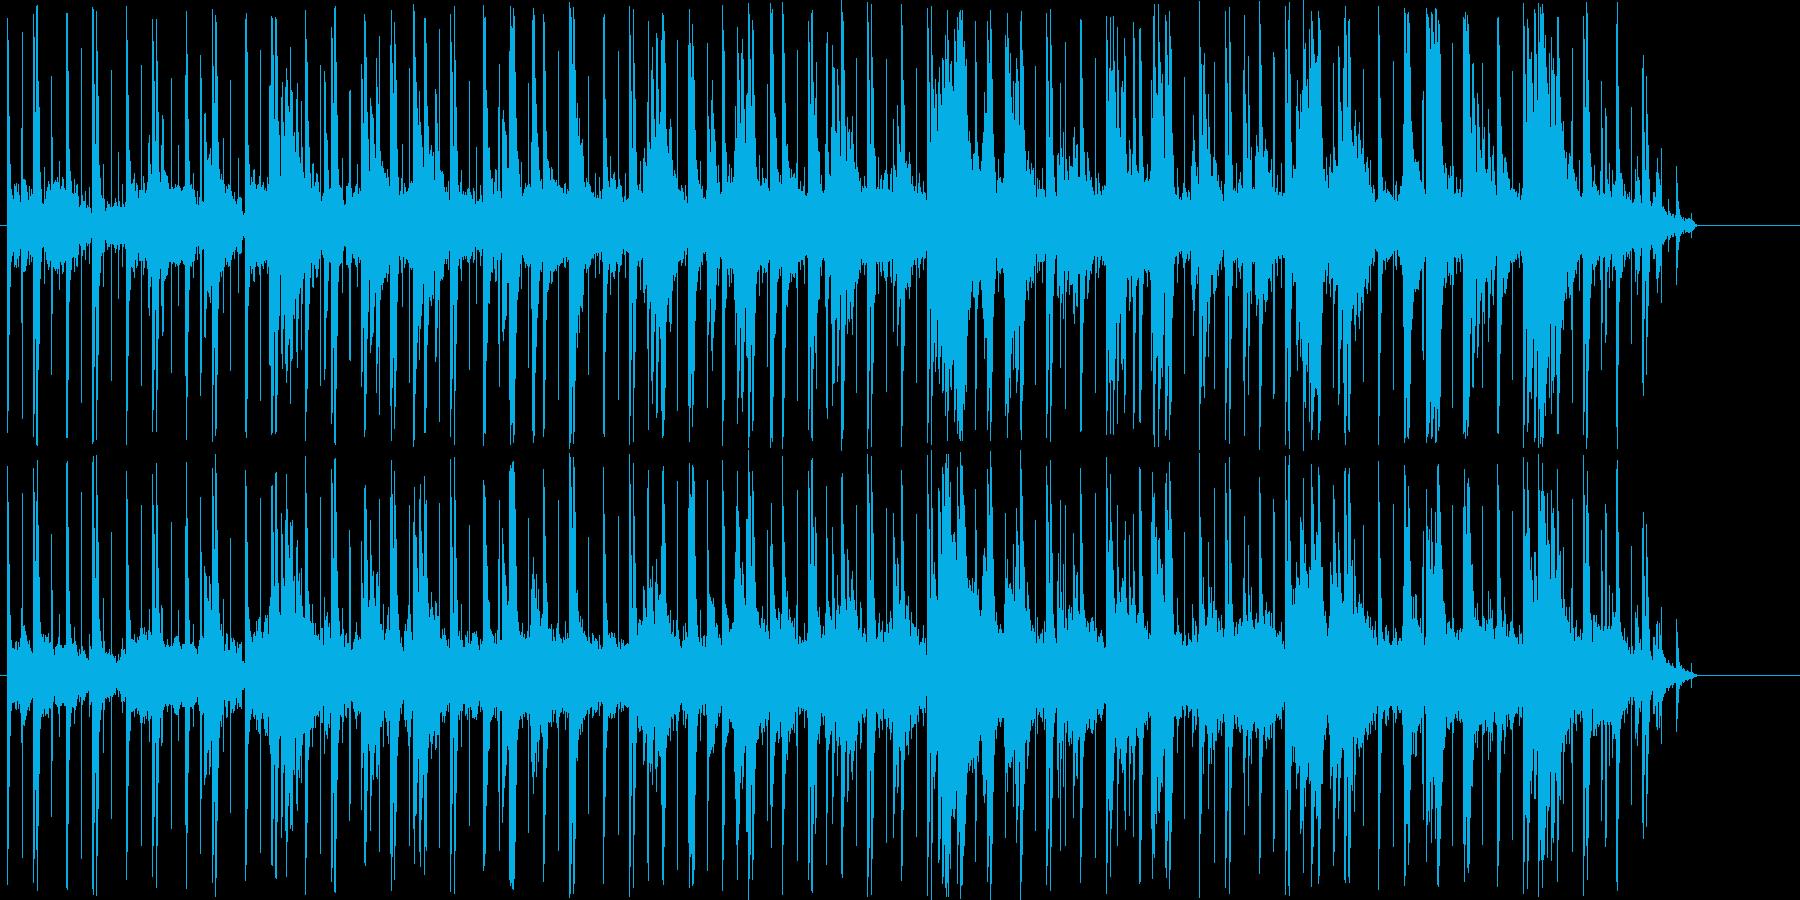 ピアノの音が静かに踊リます♪ヒーリング系の再生済みの波形